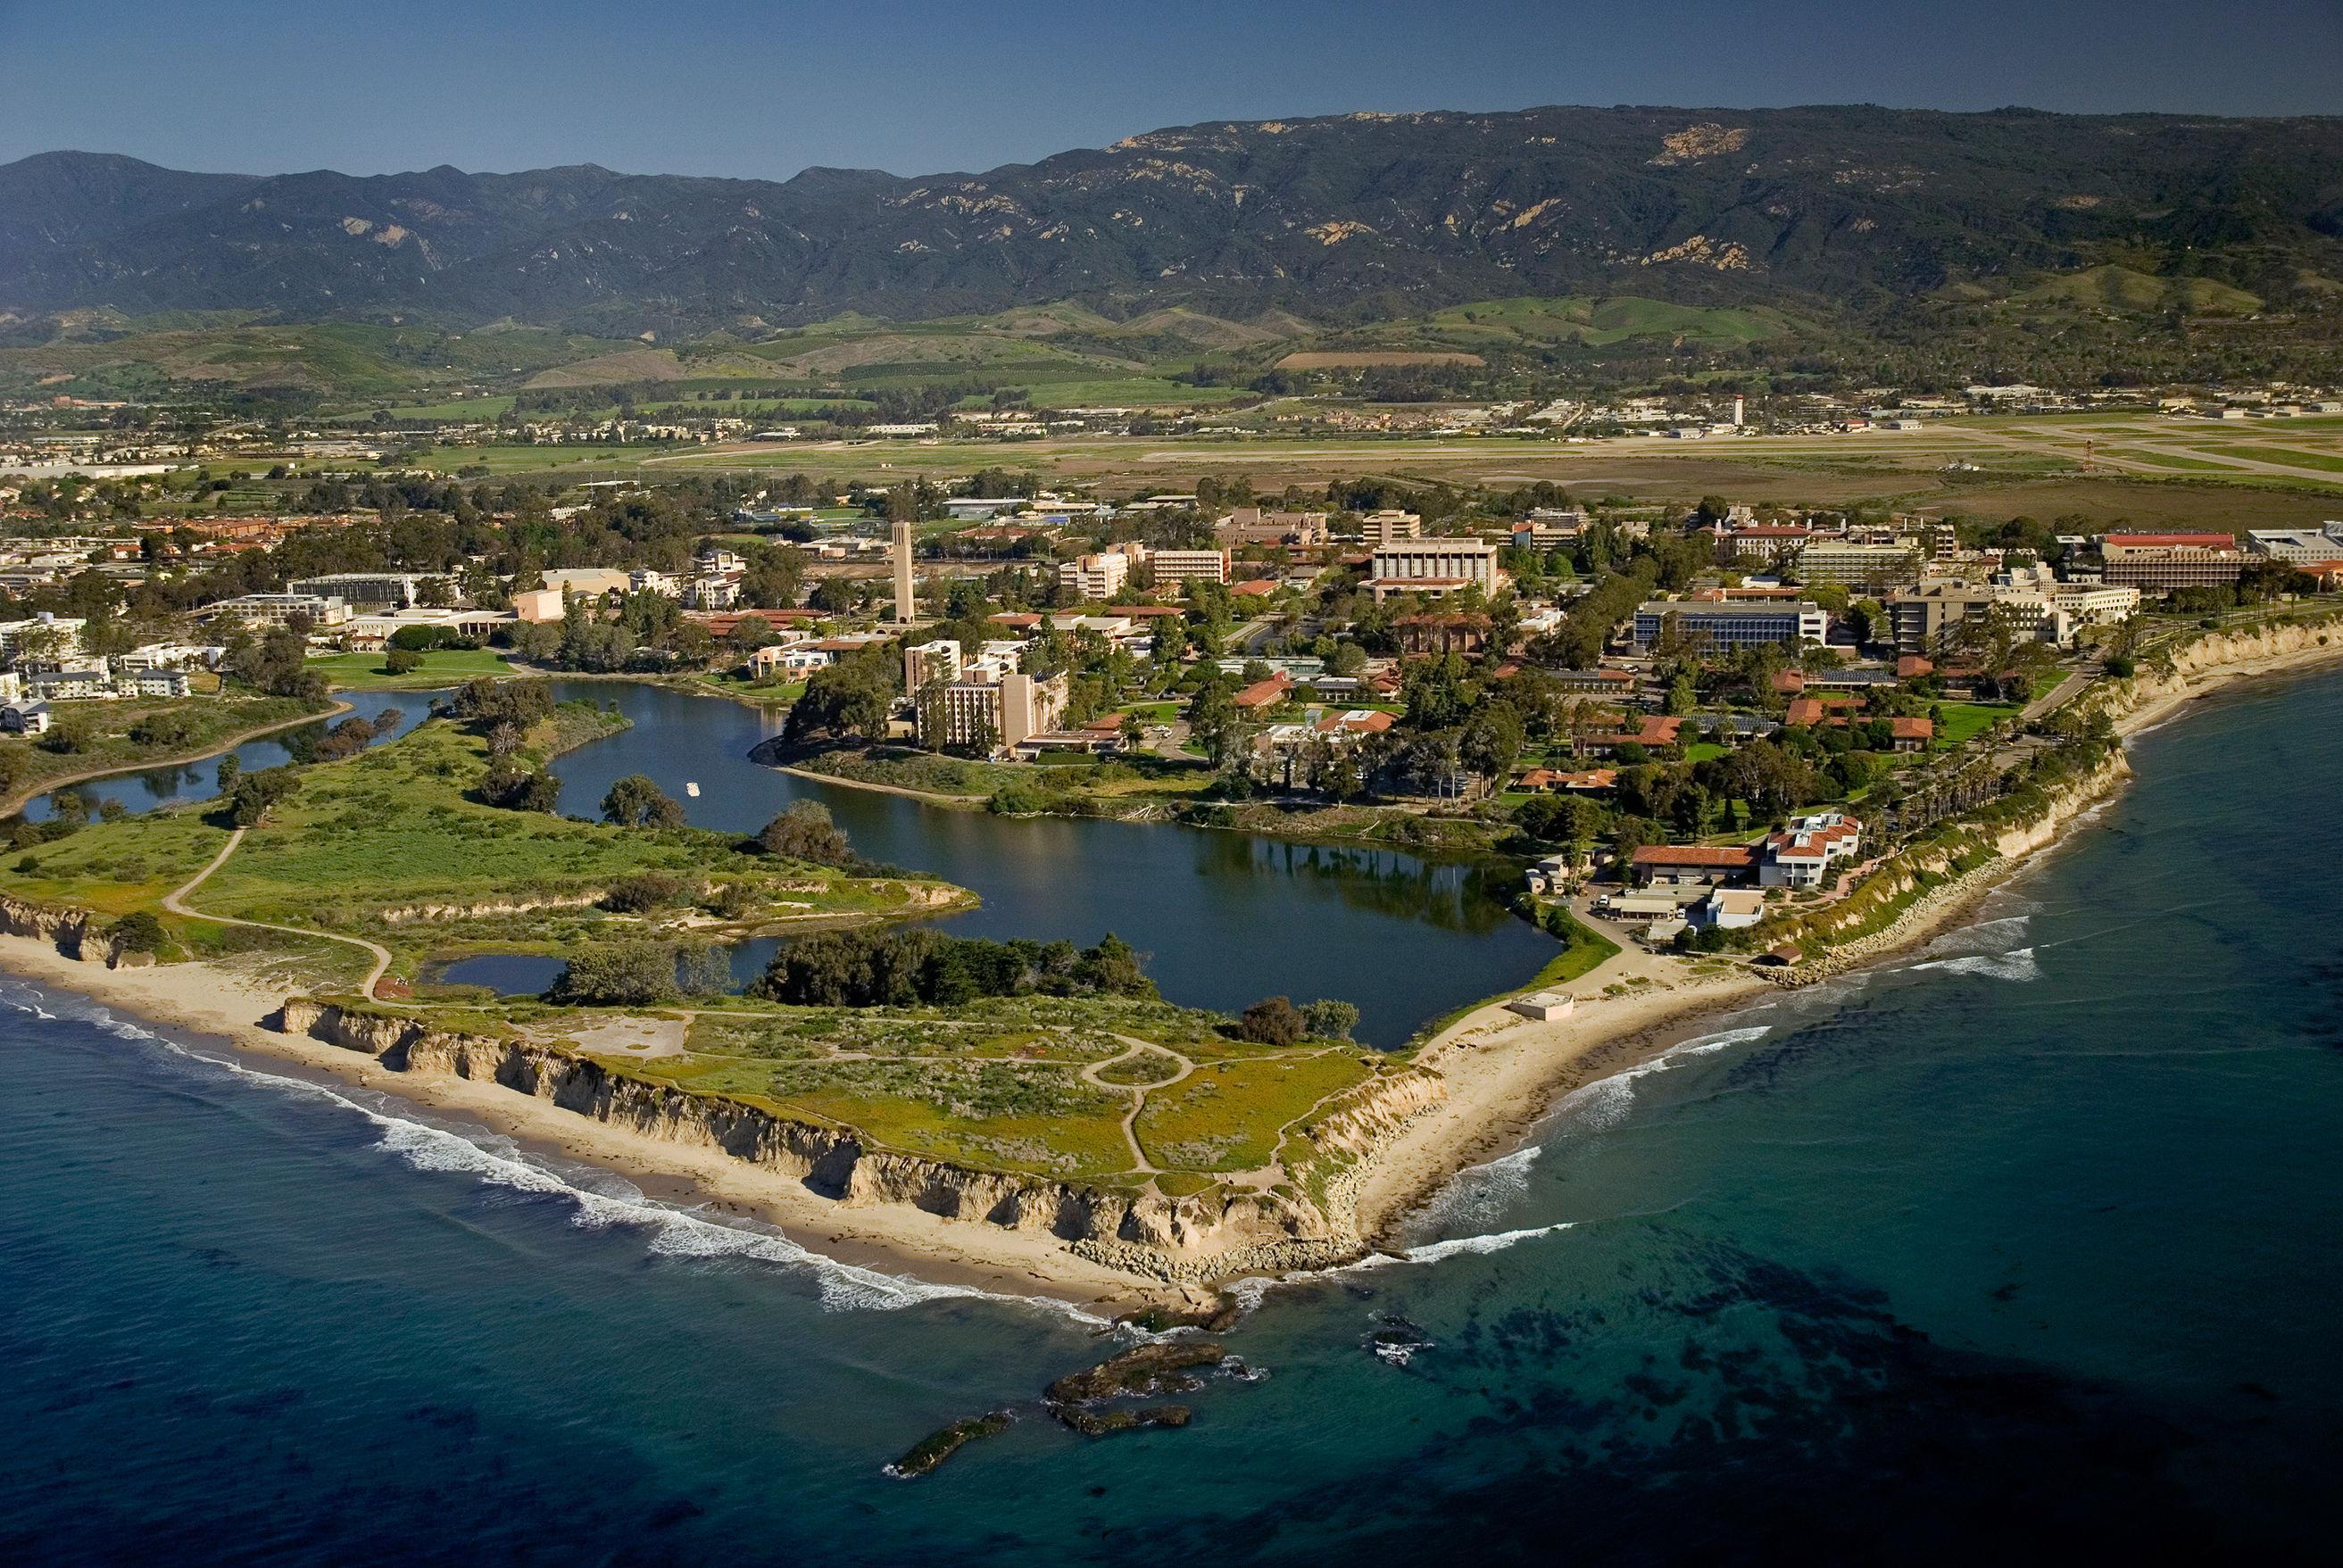 UCSB 聖塔芭芭拉加大 - 緊臨太平洋的海岸校園